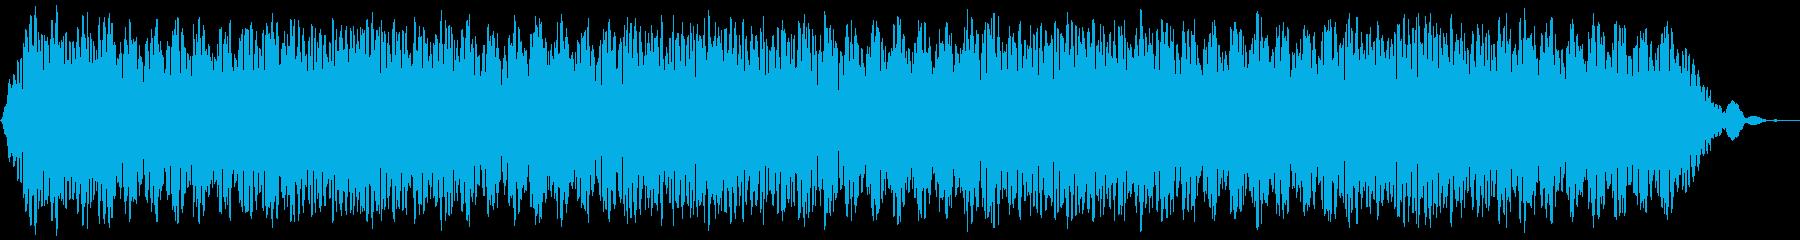 【アンビエント】ドローン_44 実験音の再生済みの波形